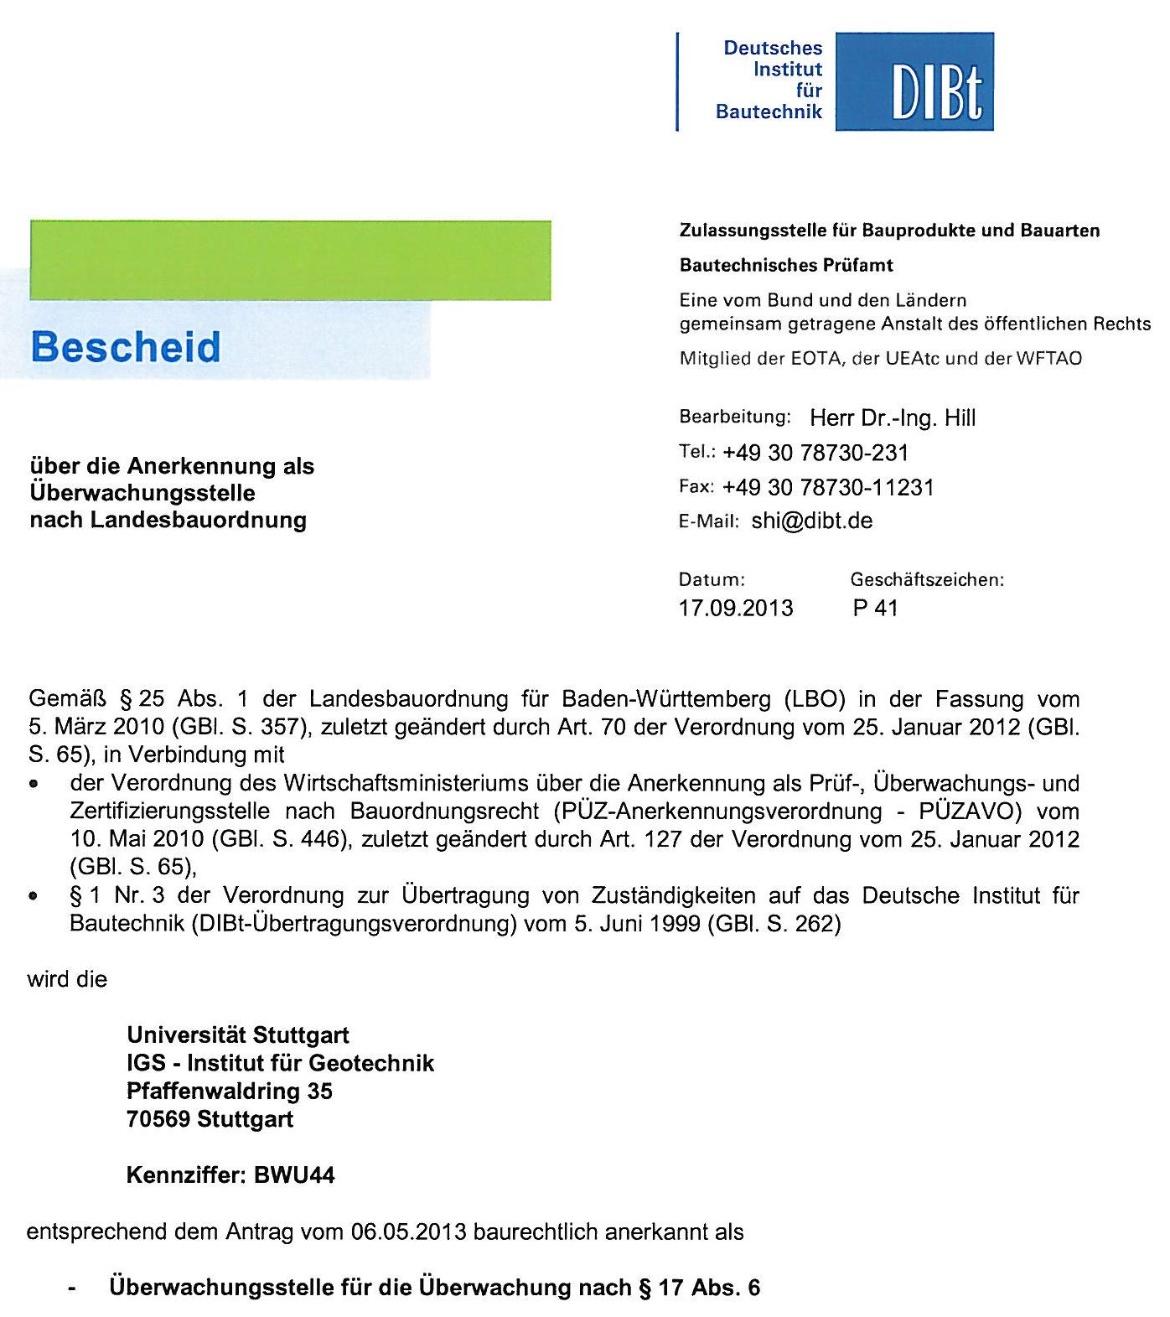 Lieblings Verpressanker und Mikropfähle | Institut für Geotechnik &VR_83